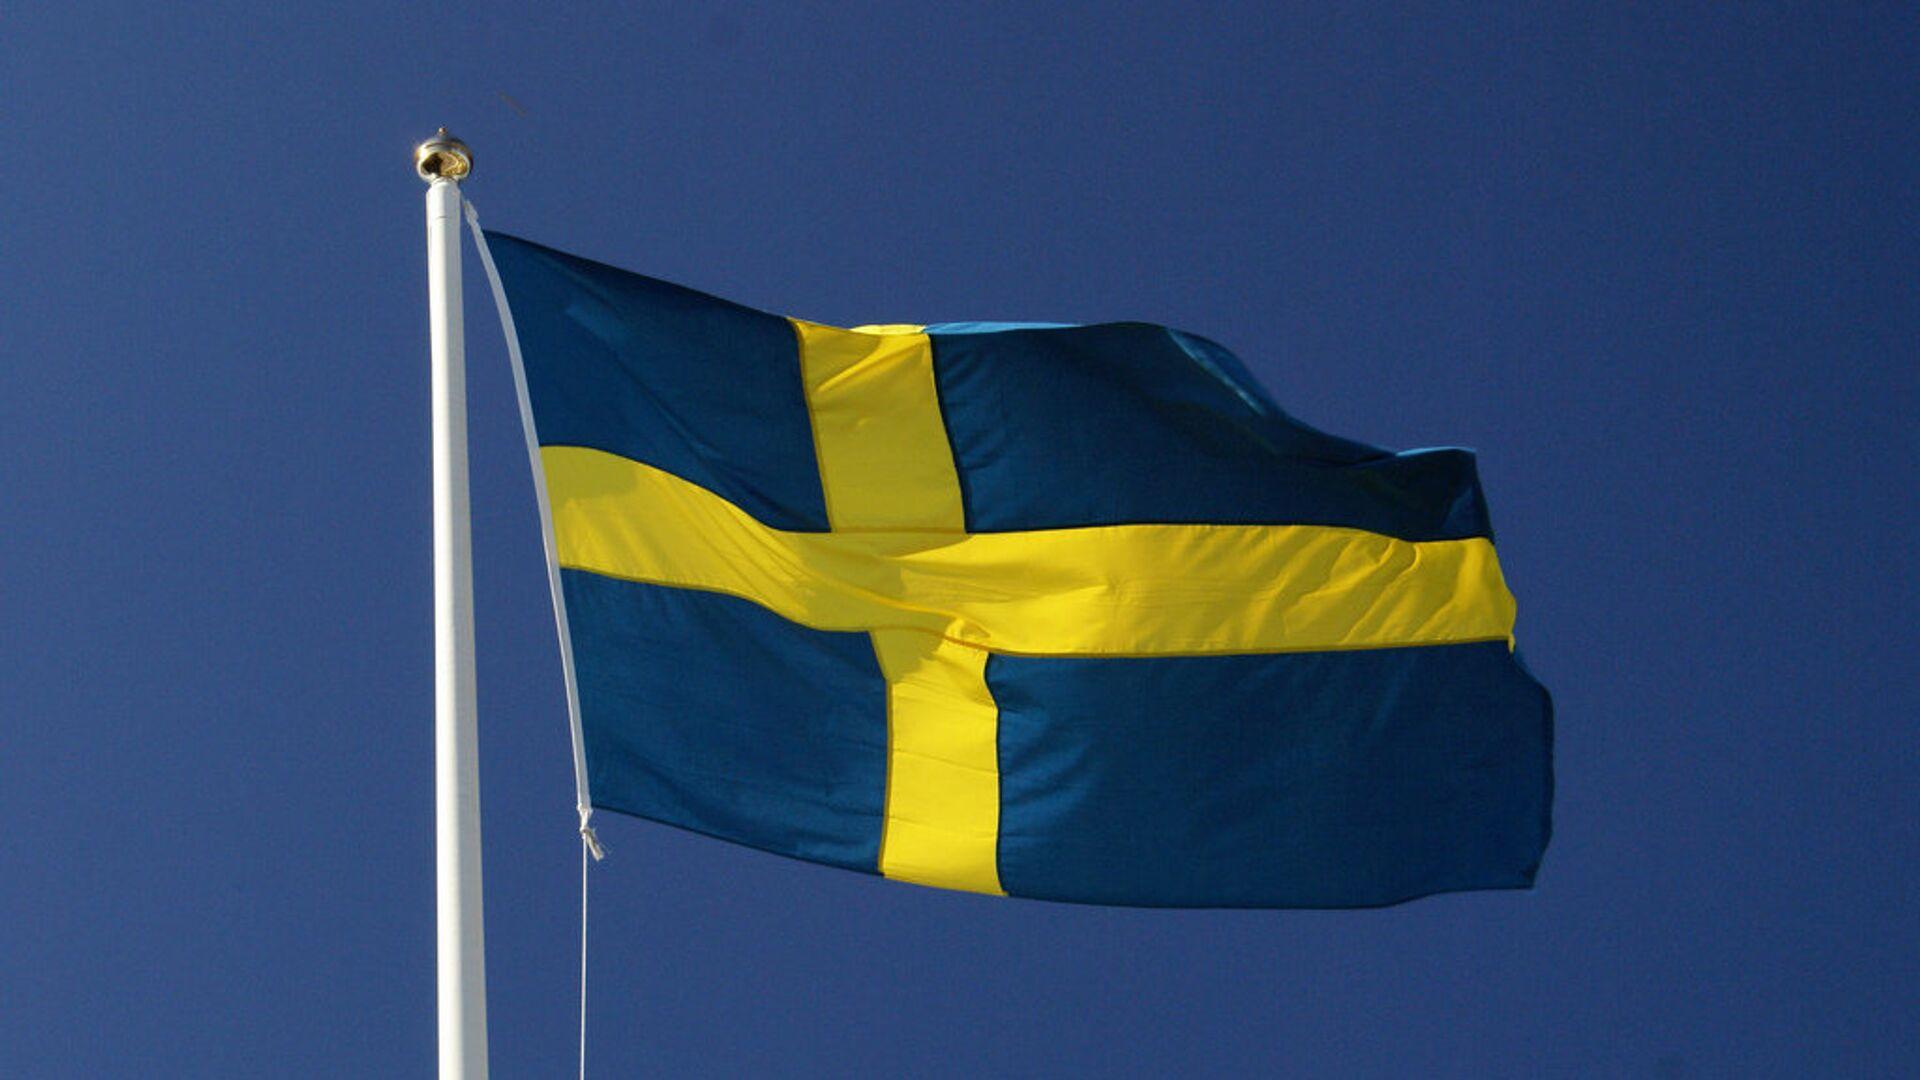 Шведский флаг - РИА Новости, 1920, 23.09.2020